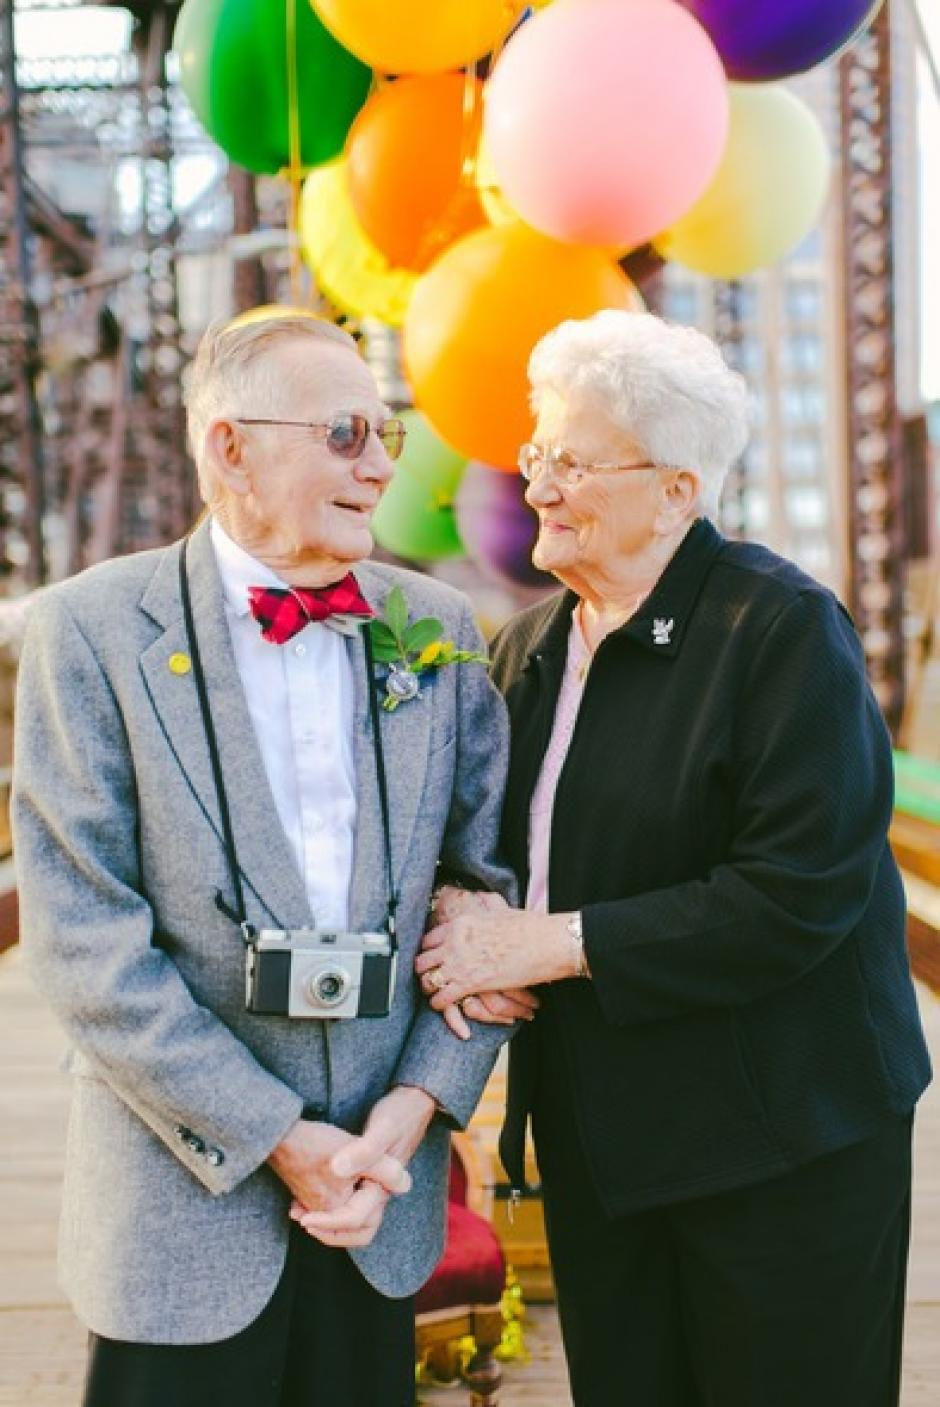 Nina y el Abuelo han pasado 61 años de matrimonio feliz, toda una hazaña en estos tiempo.